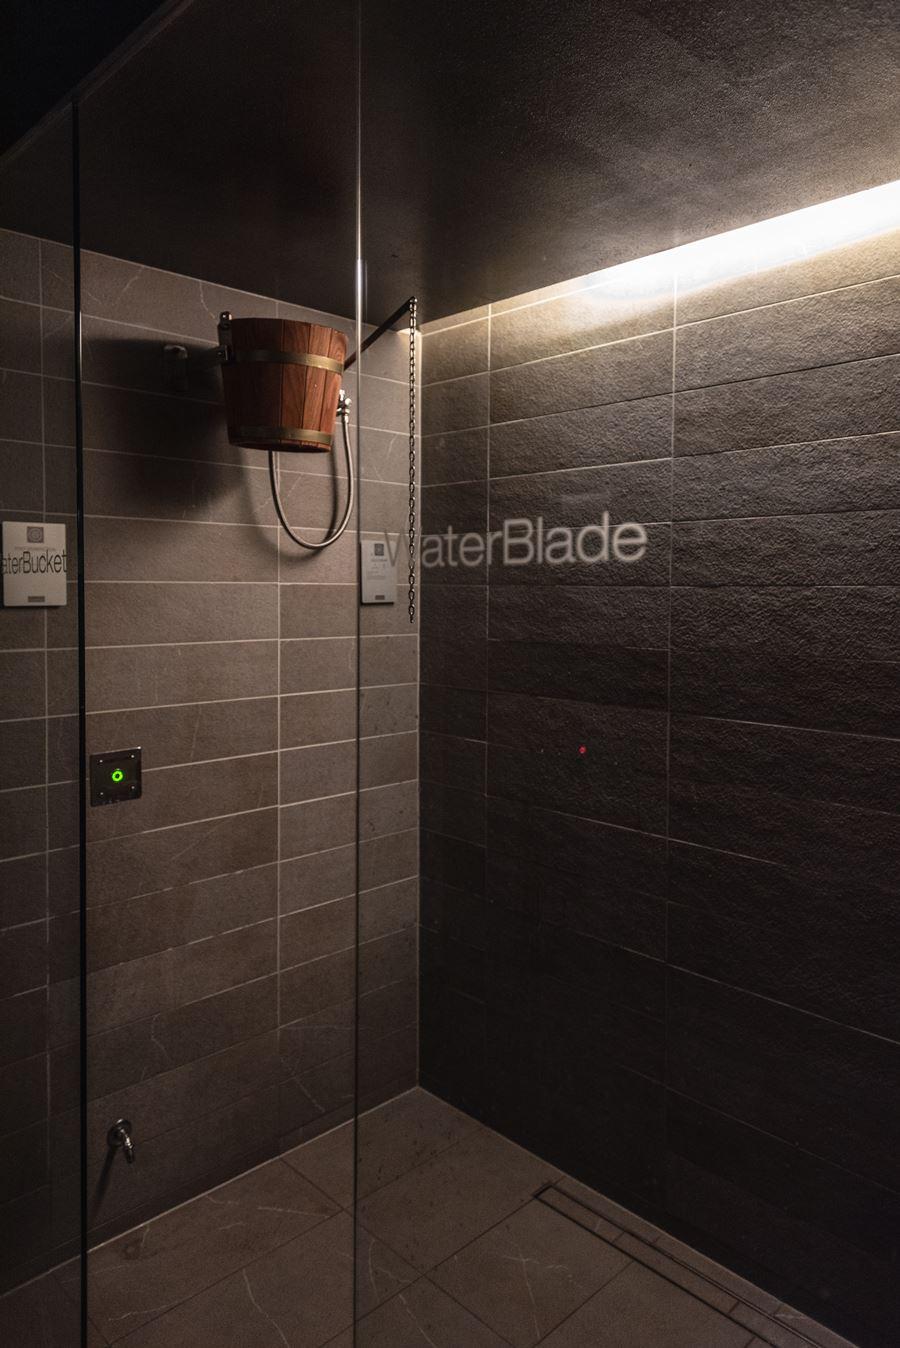 doccia con ghiaccio dopo la sauna - attrezzature spa professionali Starpool